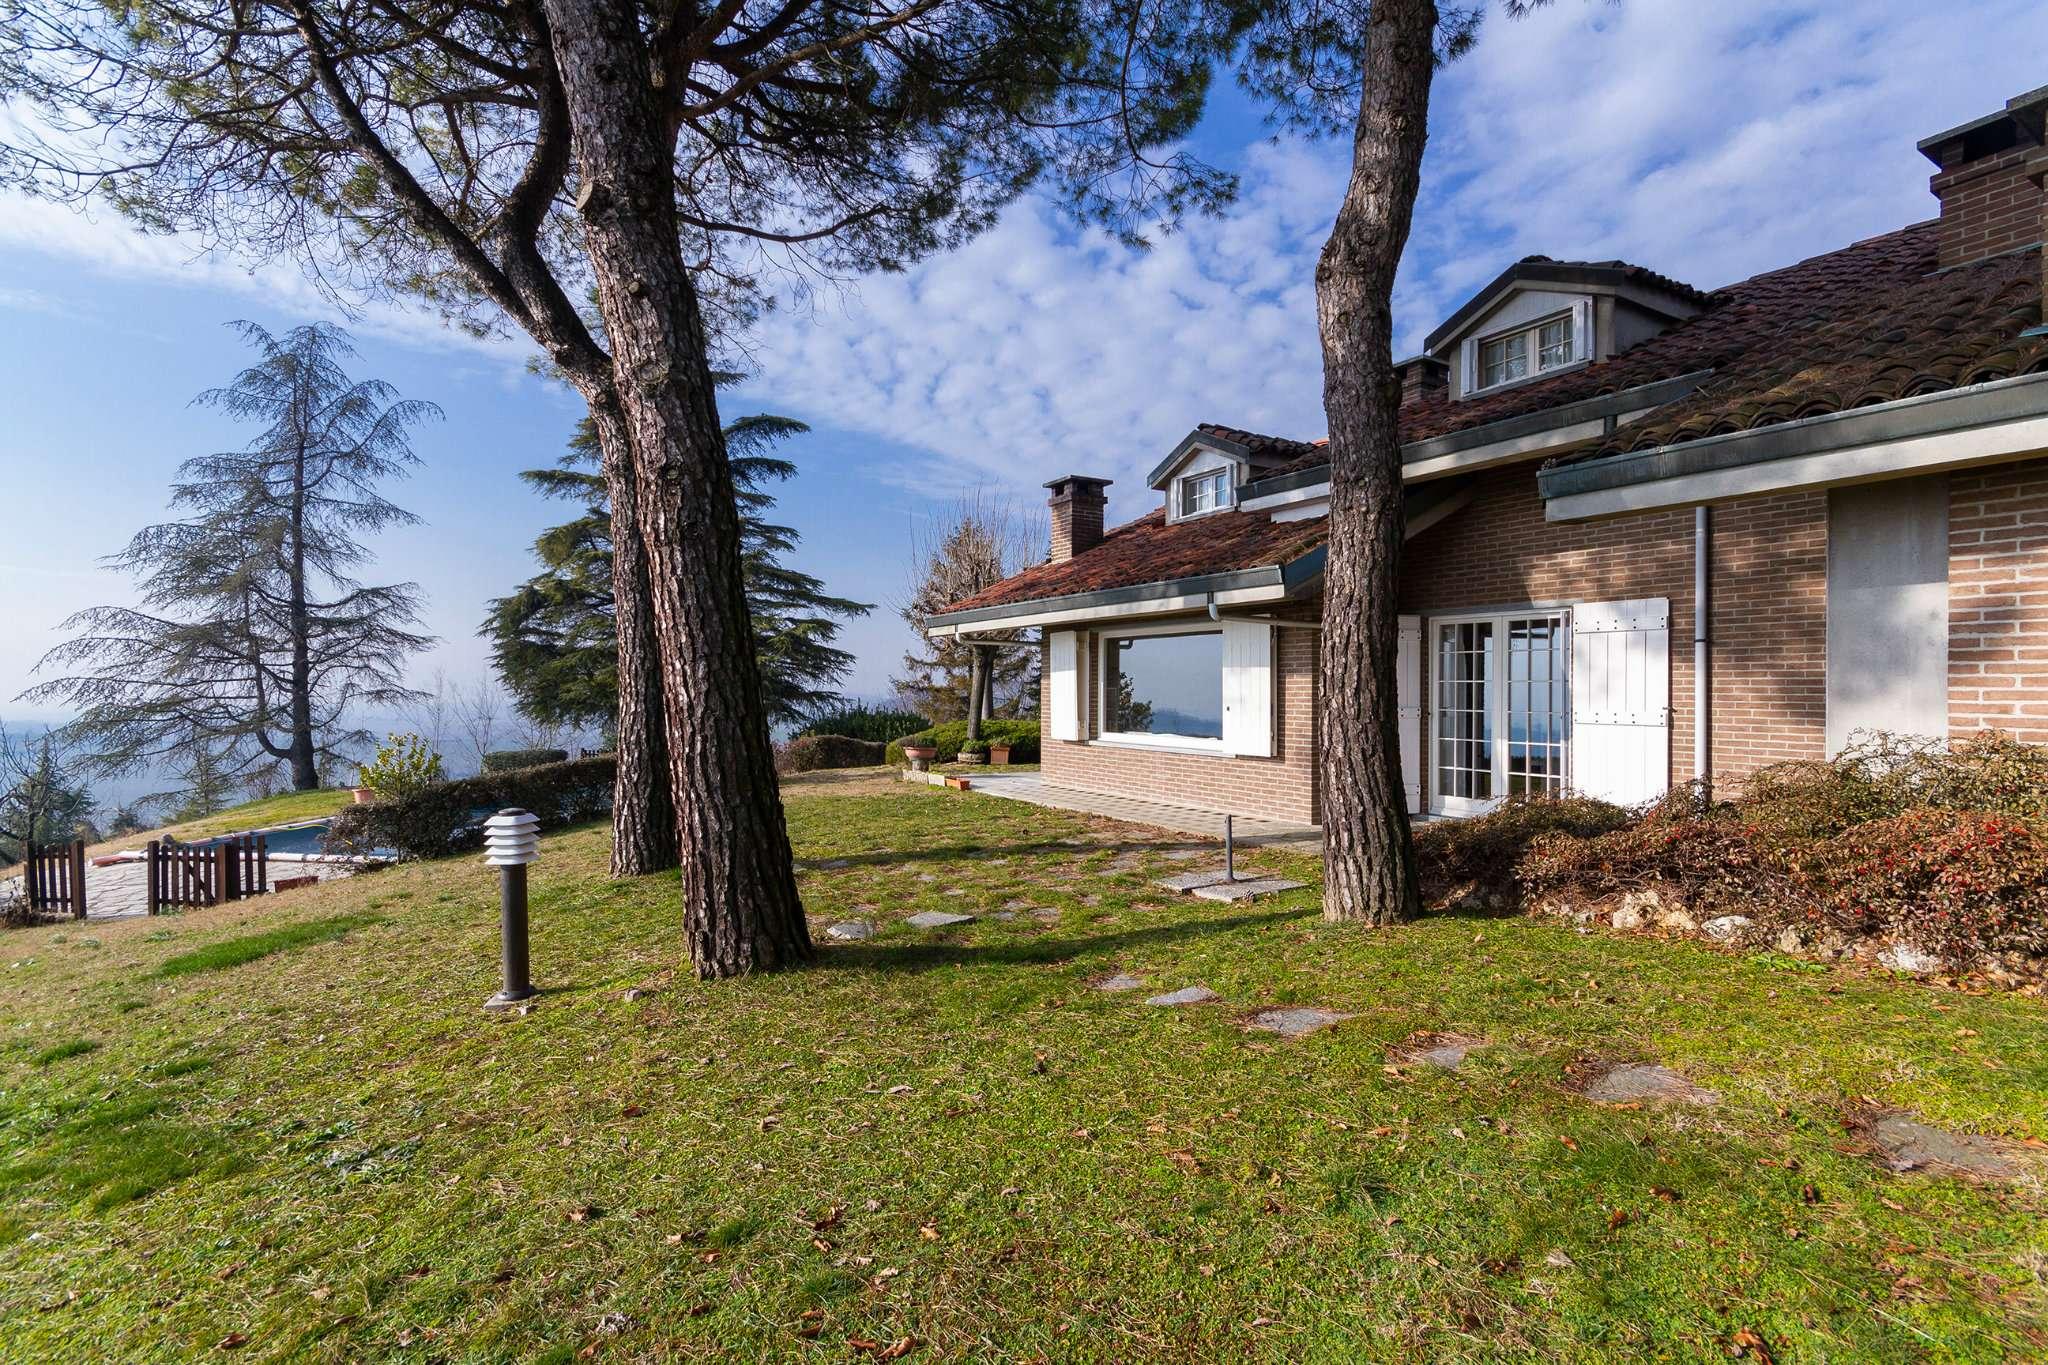 Villa in vendita a Lu, 9 locali, prezzo € 730.000 | PortaleAgenzieImmobiliari.it